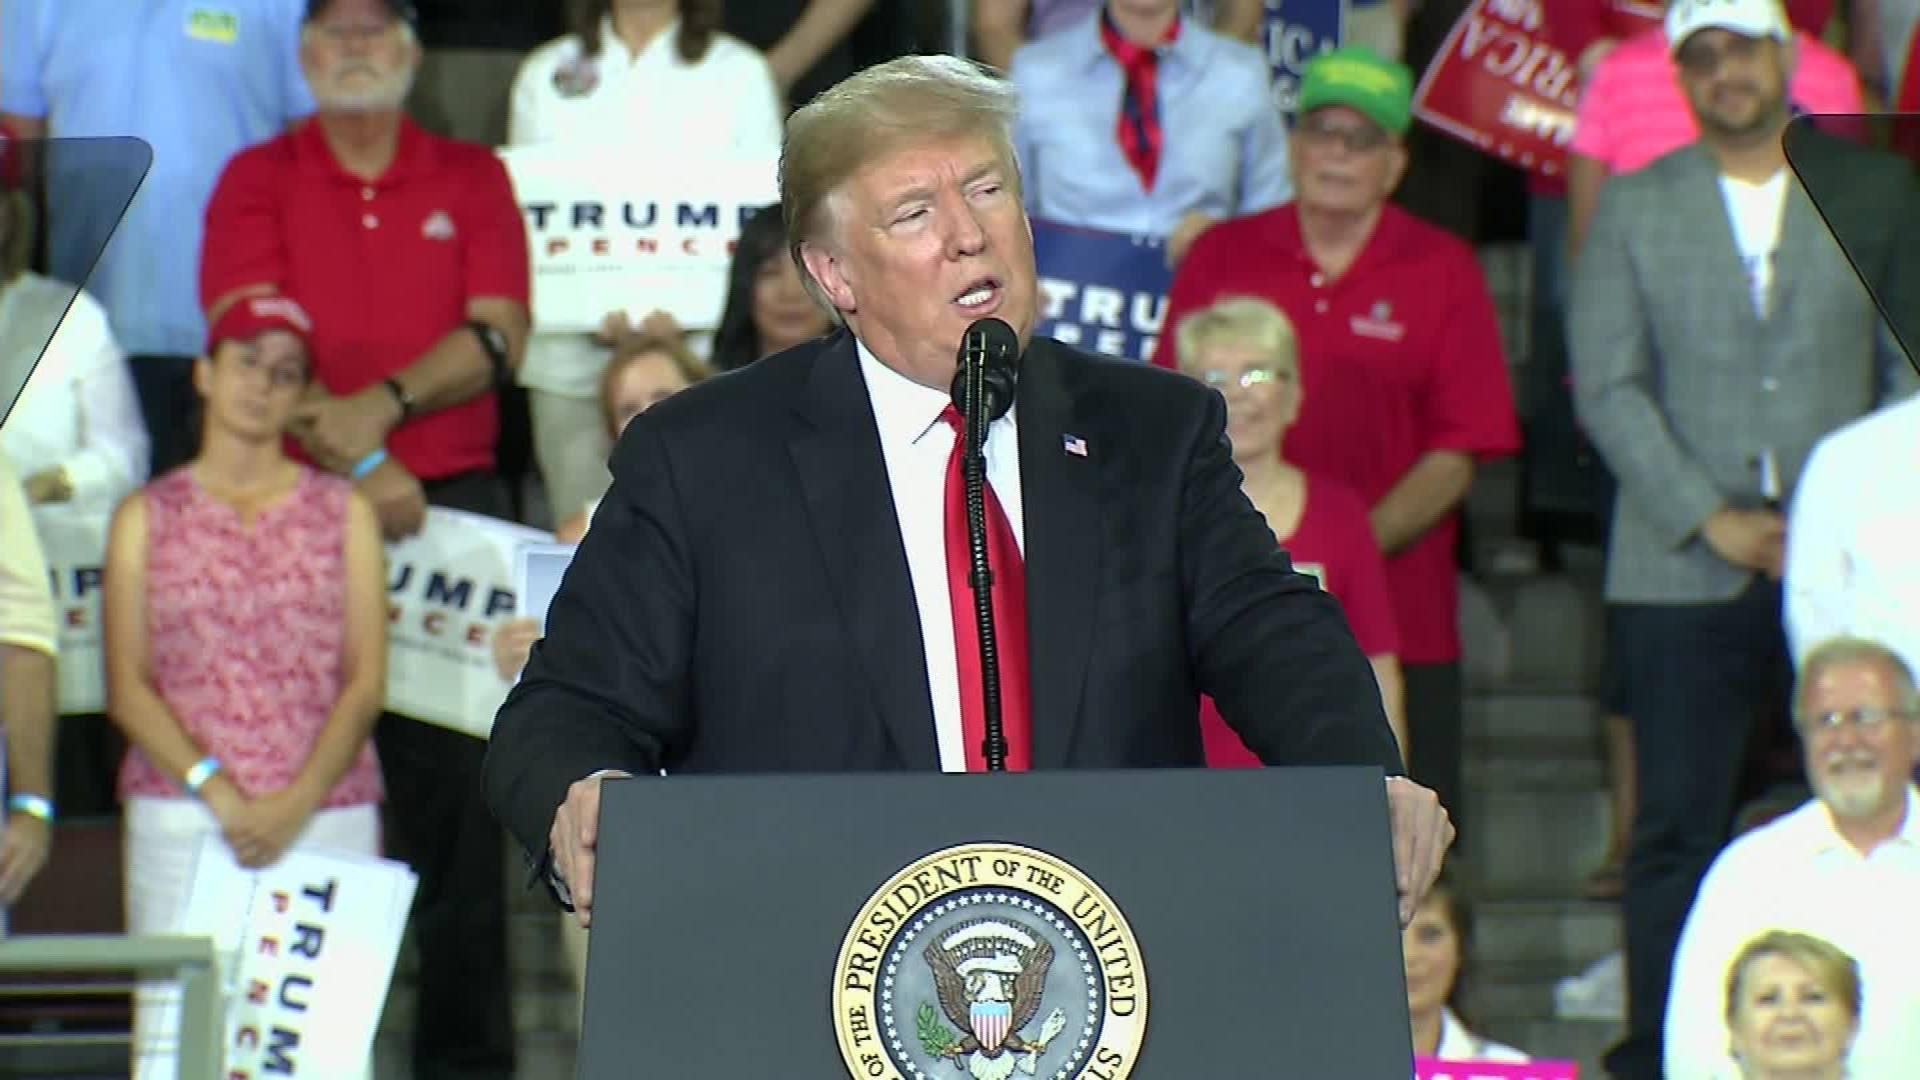 Trump mocks 'rules' of #MeToo movement